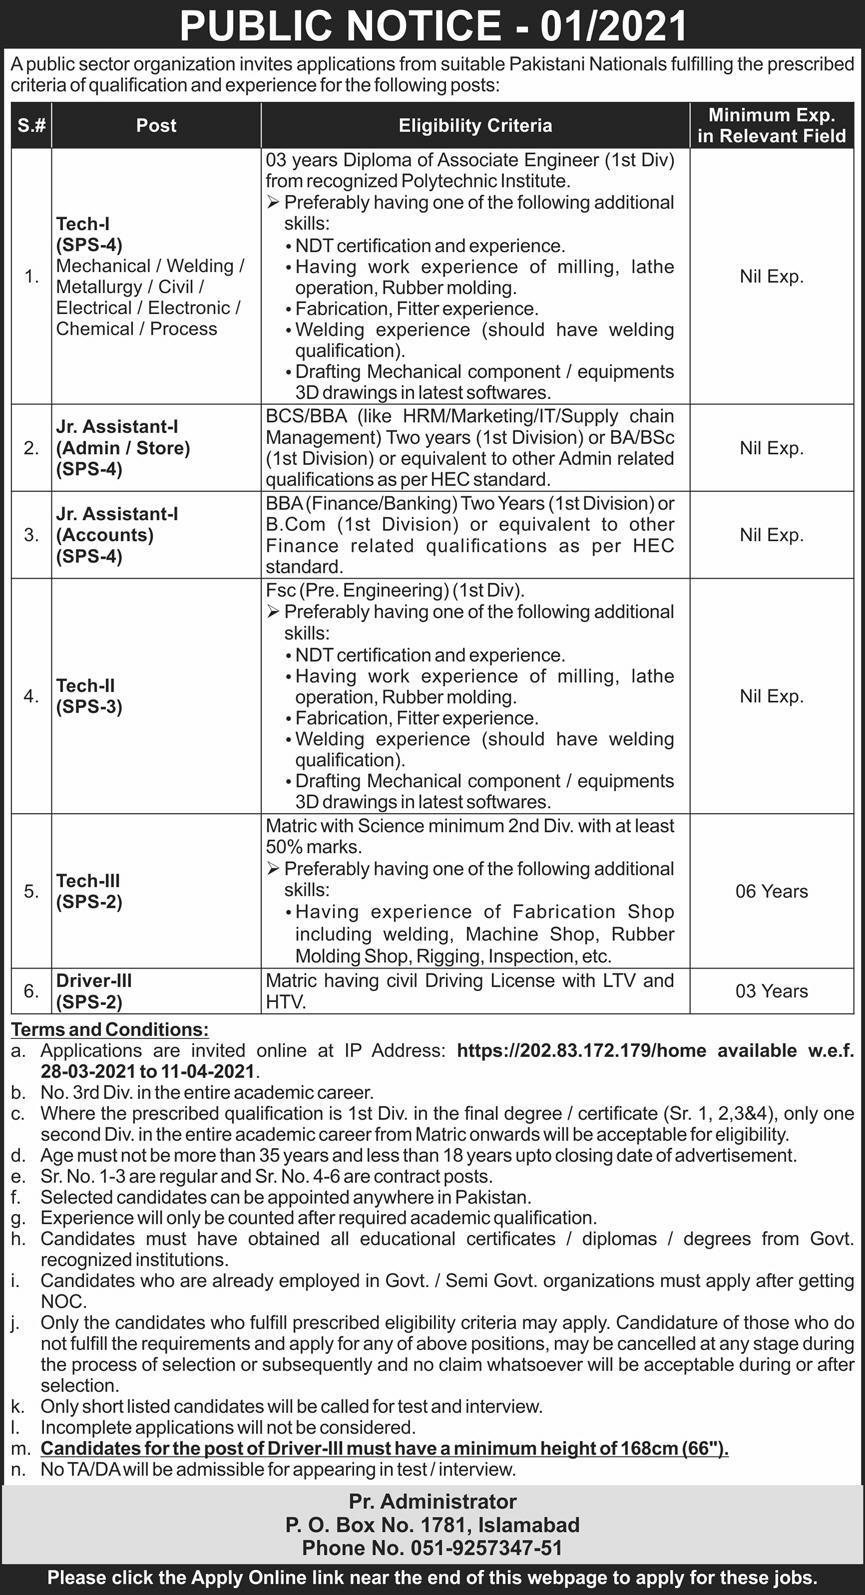 https://202.83.172.179/home - PAEC Latest Jobs 2021 - www.atomicenergy.pk Jobs - PAEC Jobs 2021 - Pakistan Atomic Energy Commission Jobs 2021 - www.paec.gov.pk Jobs - PAEC Online Apply - PAEC Jobs 2021 Online Apply - PAEC Latest Job 2021